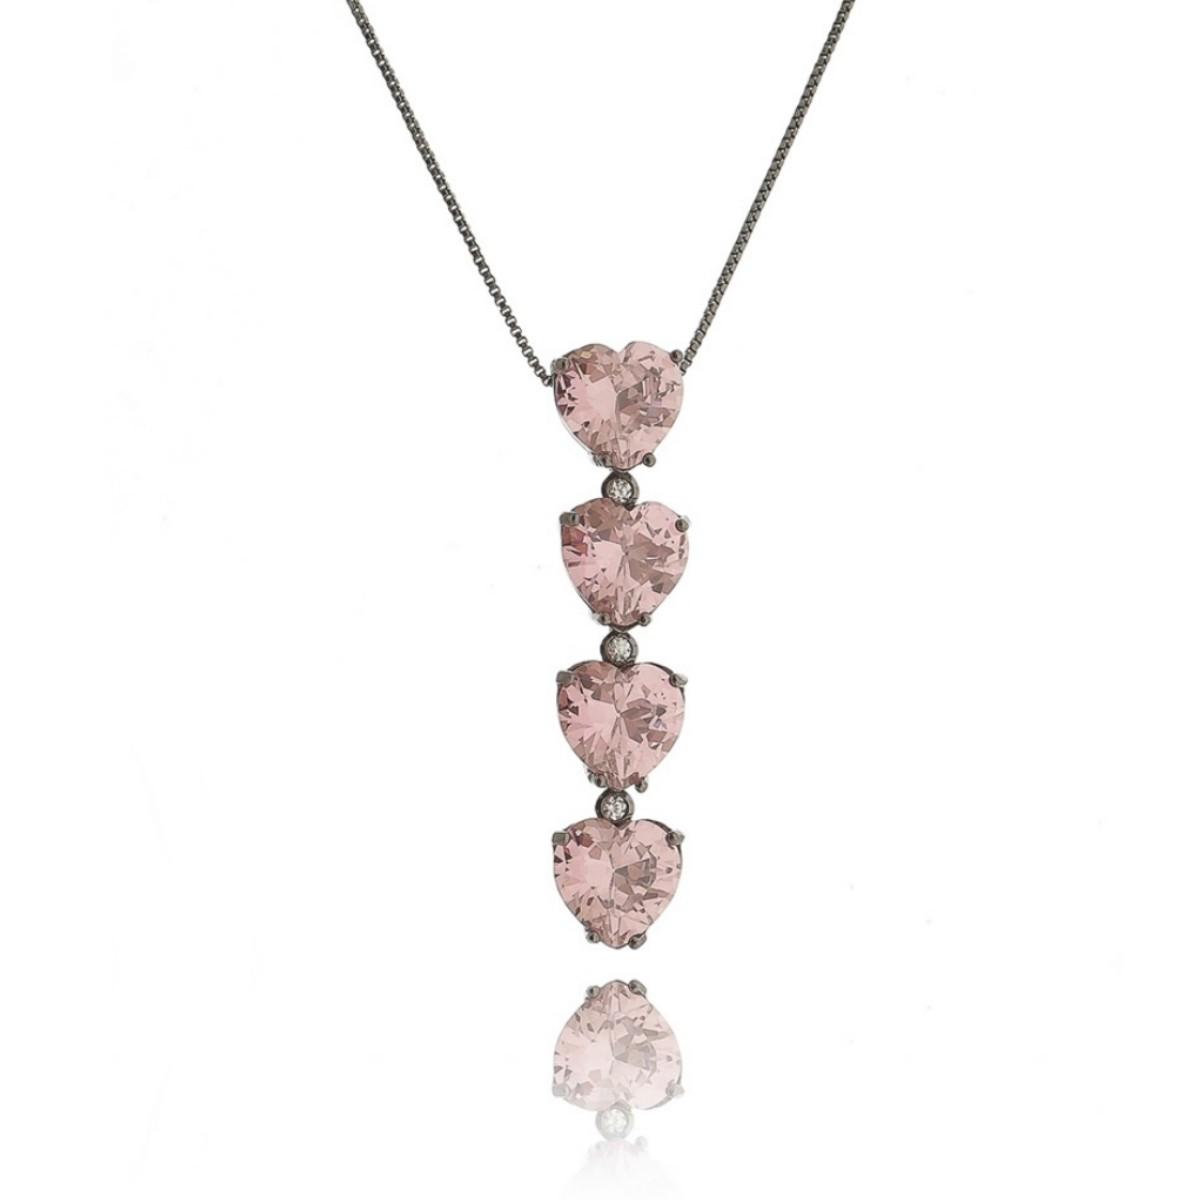 Colar Estilo Gravatinha Coração Rosa Exclusivo Semijoia Luxo em Ródio Negro com Zircônia Cristal  - Soloyou